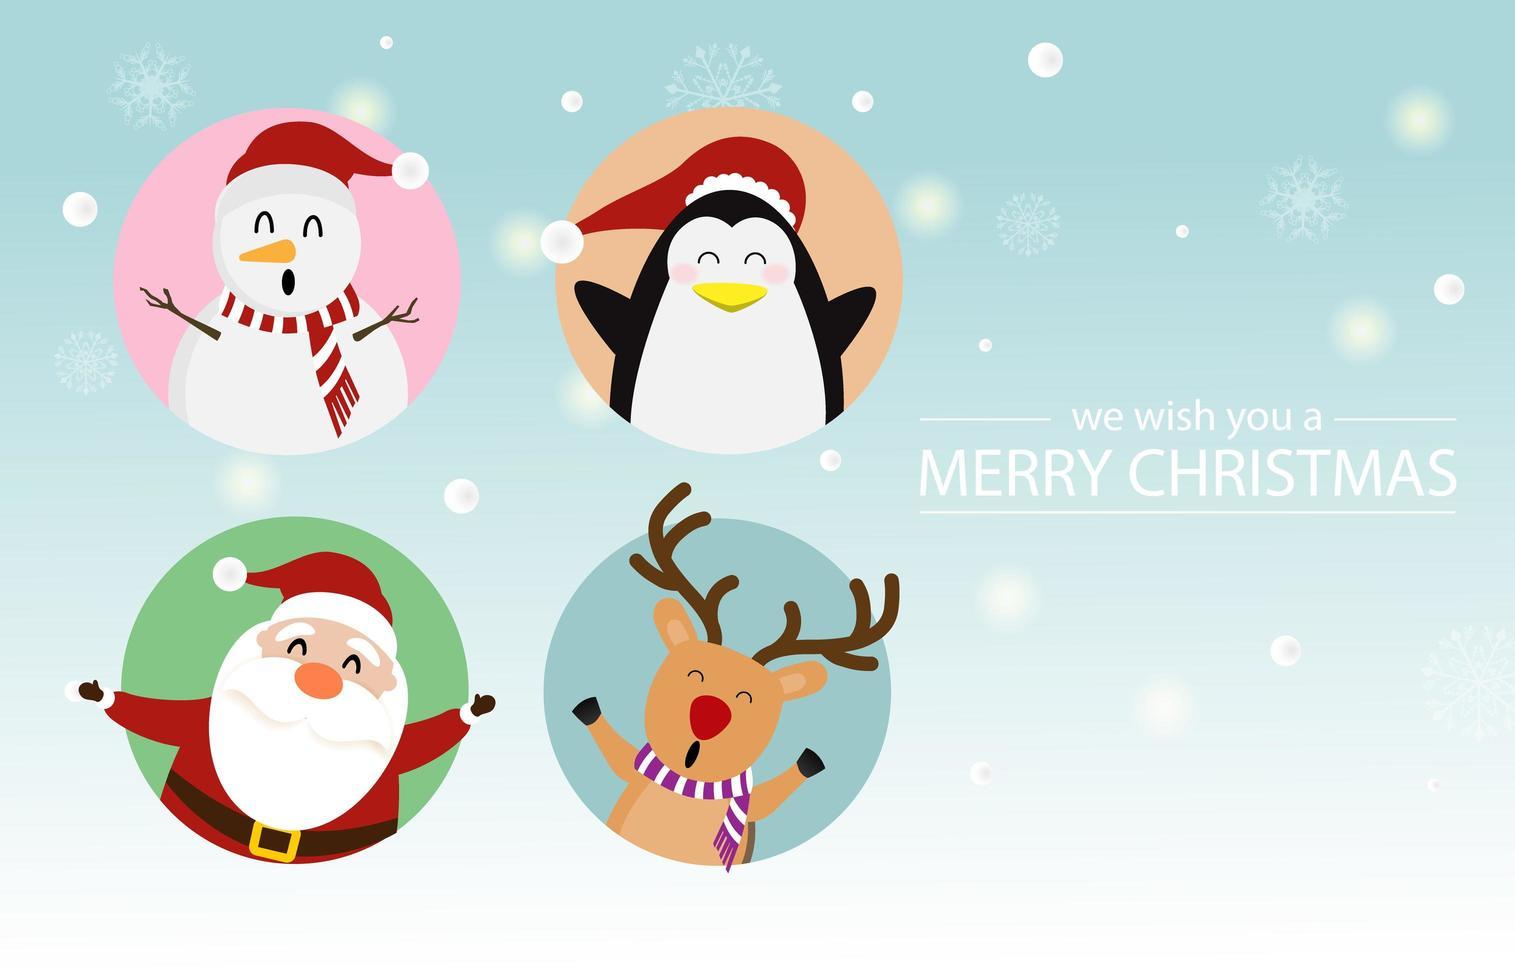 conception de noël avec le père noël avec, renne, pingouin, bonhomme de neige vecteur